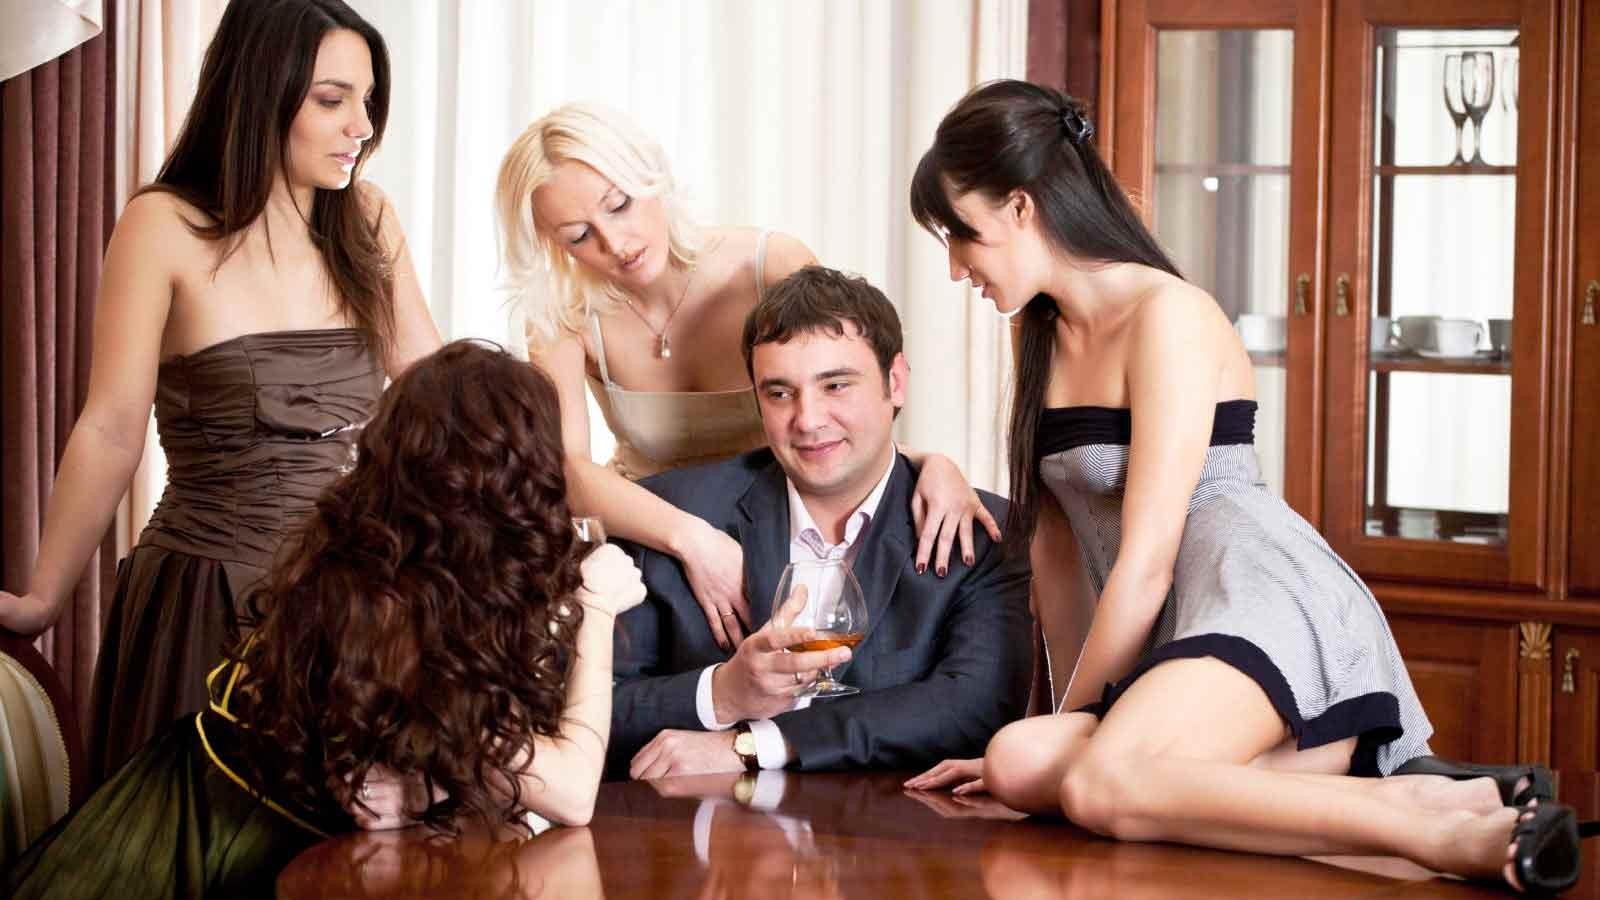 Трое мужиков удовлетворили девушку так что она несколько раз кончила — pic 15